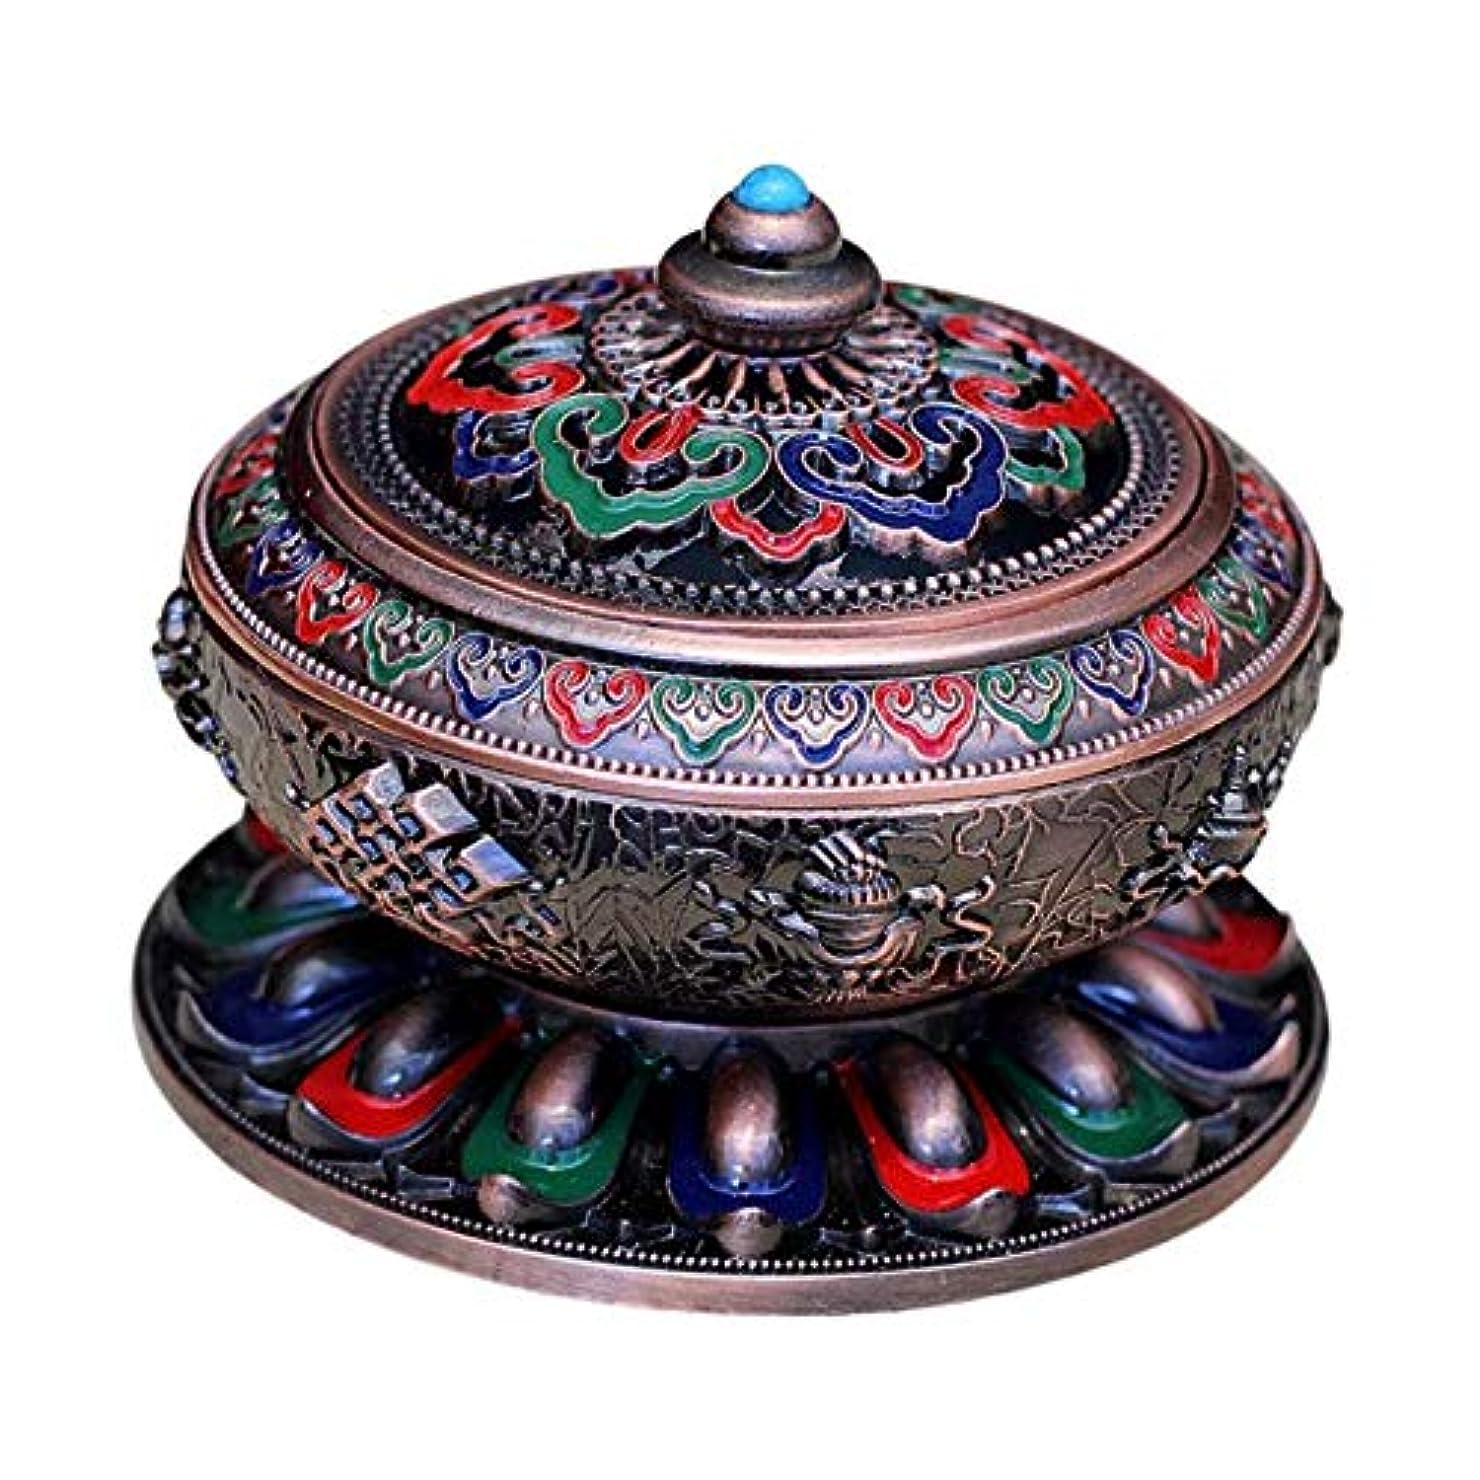 聖なる可能性仲人香炉 アンティーク 仏教 コーン 香りバーナー 丸香炉 癒しグッズ 琺瑯工芸 全3色 - 赤